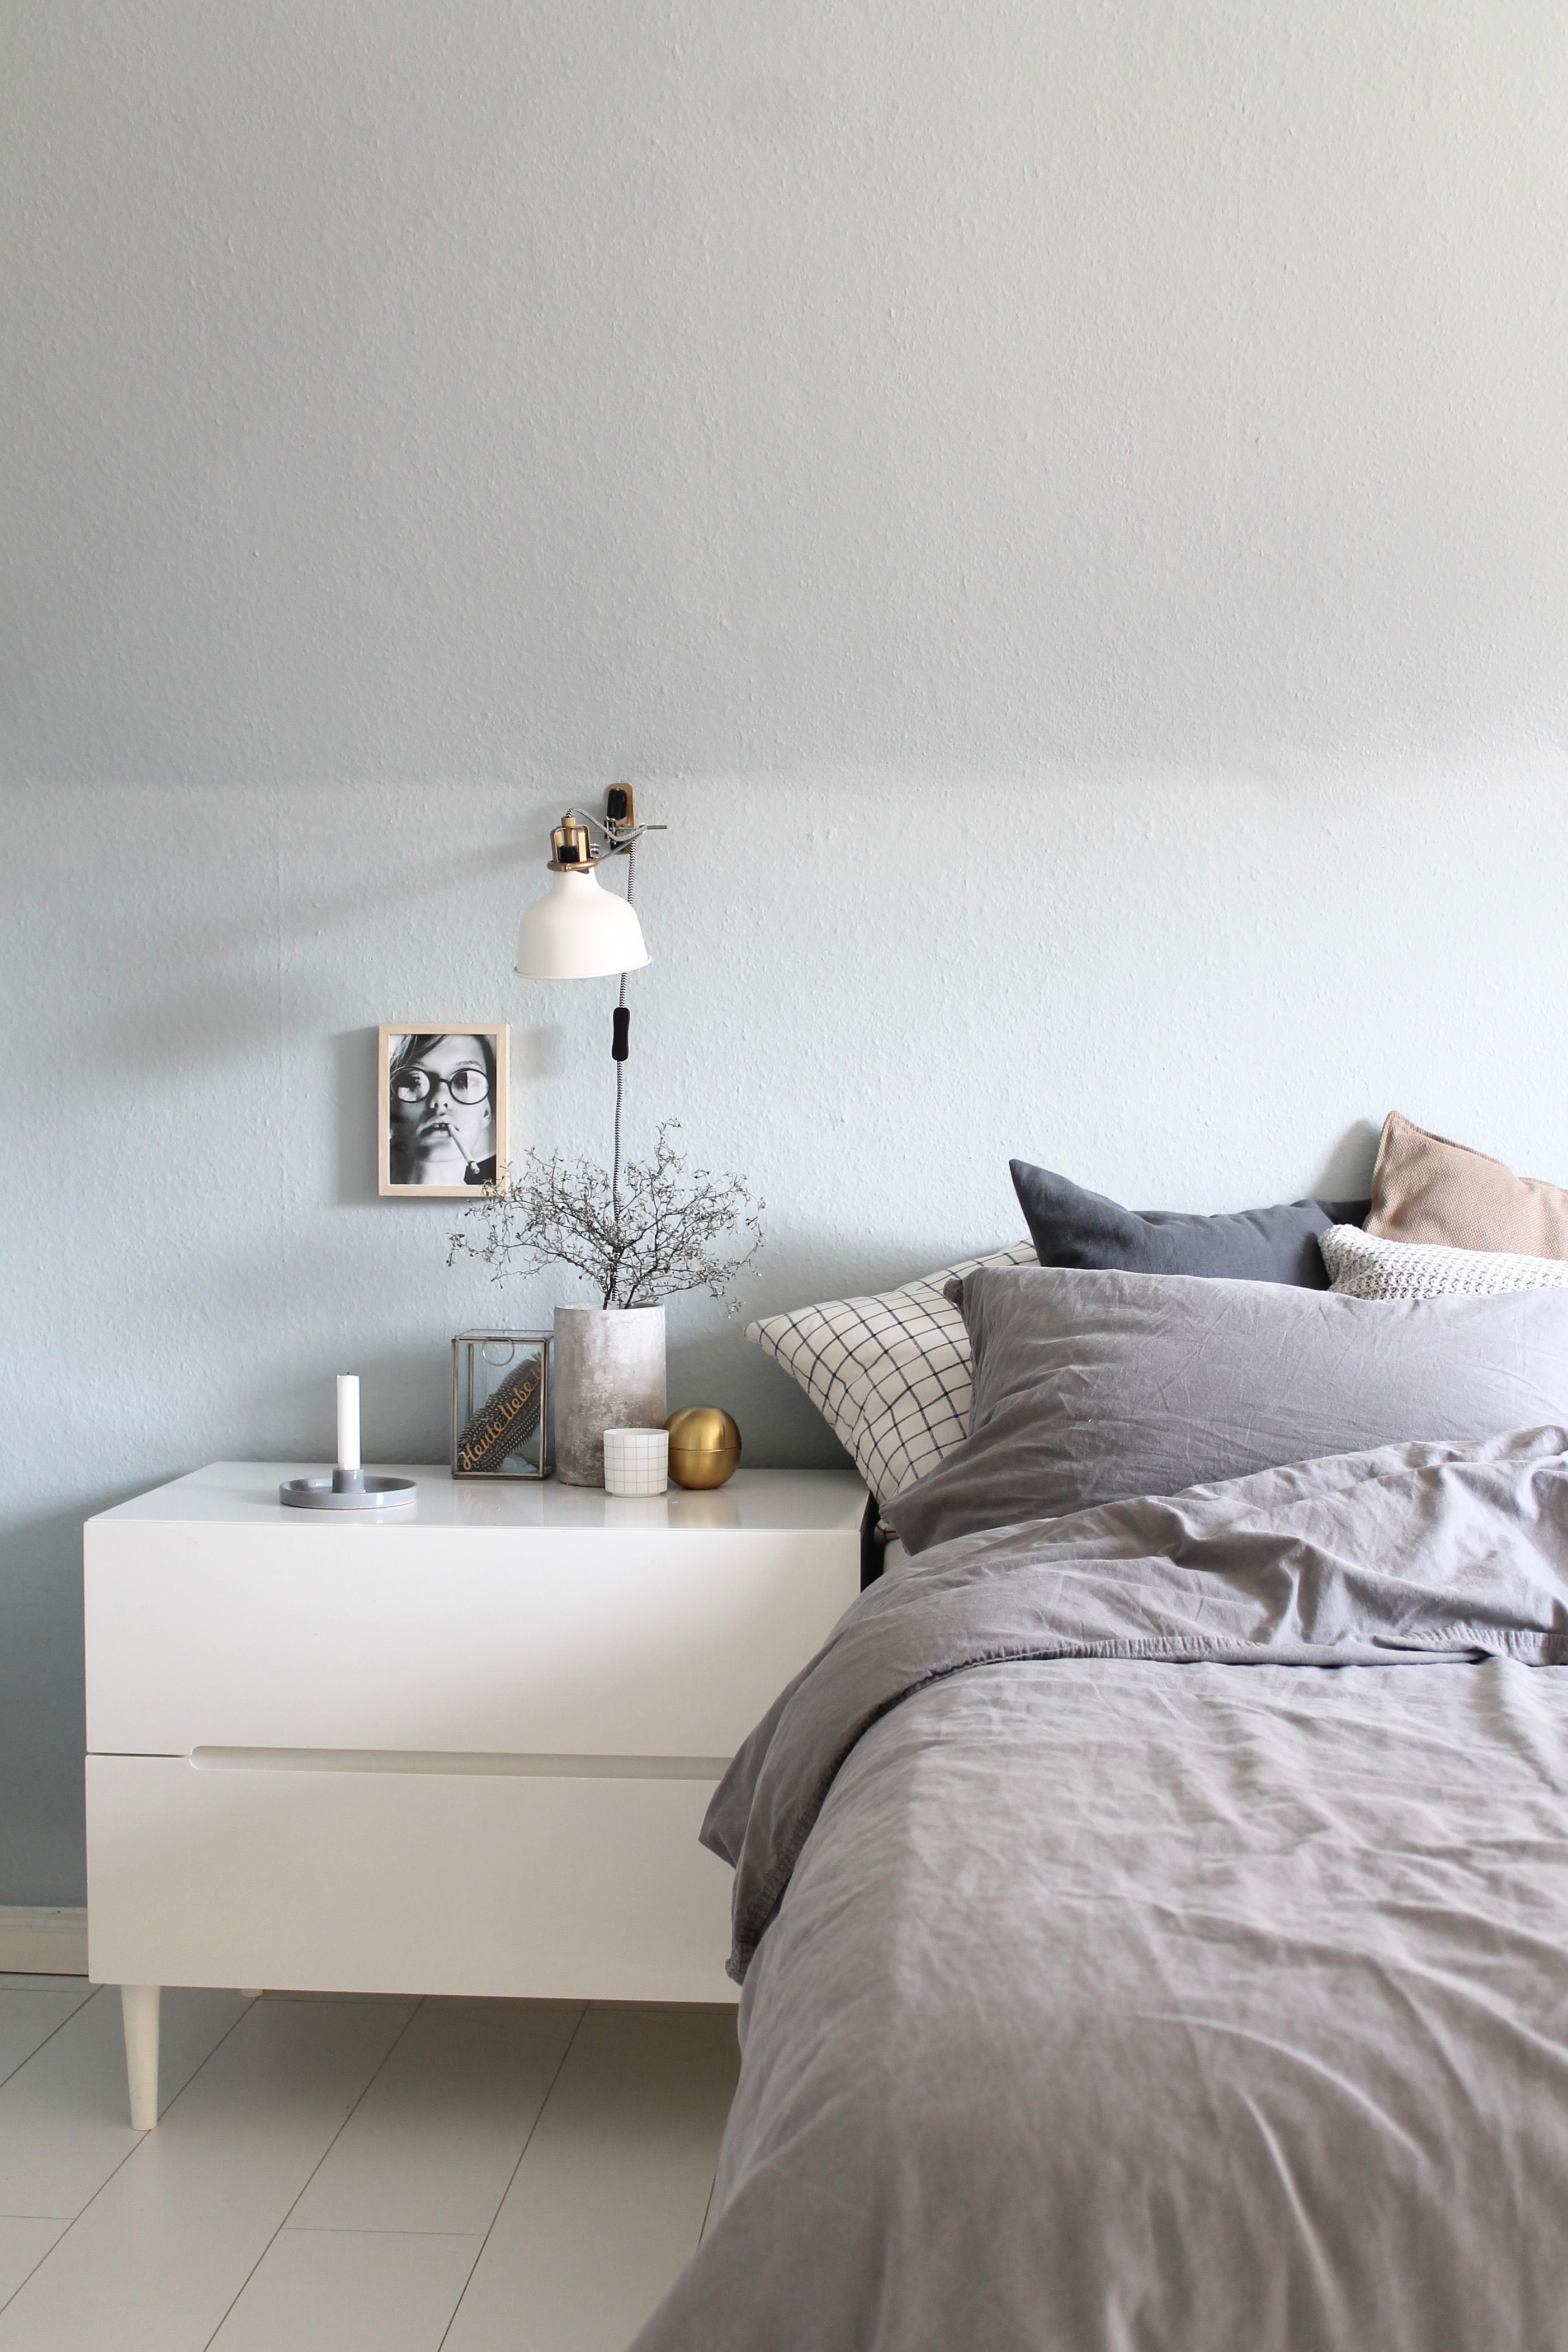 Schlafzimmer, Blau, Farbe, Streichen, Kolorat, Vanessa Paradis, Grau, Ikea,  Leinen, Ranarp, Gold, Messing, Concrete